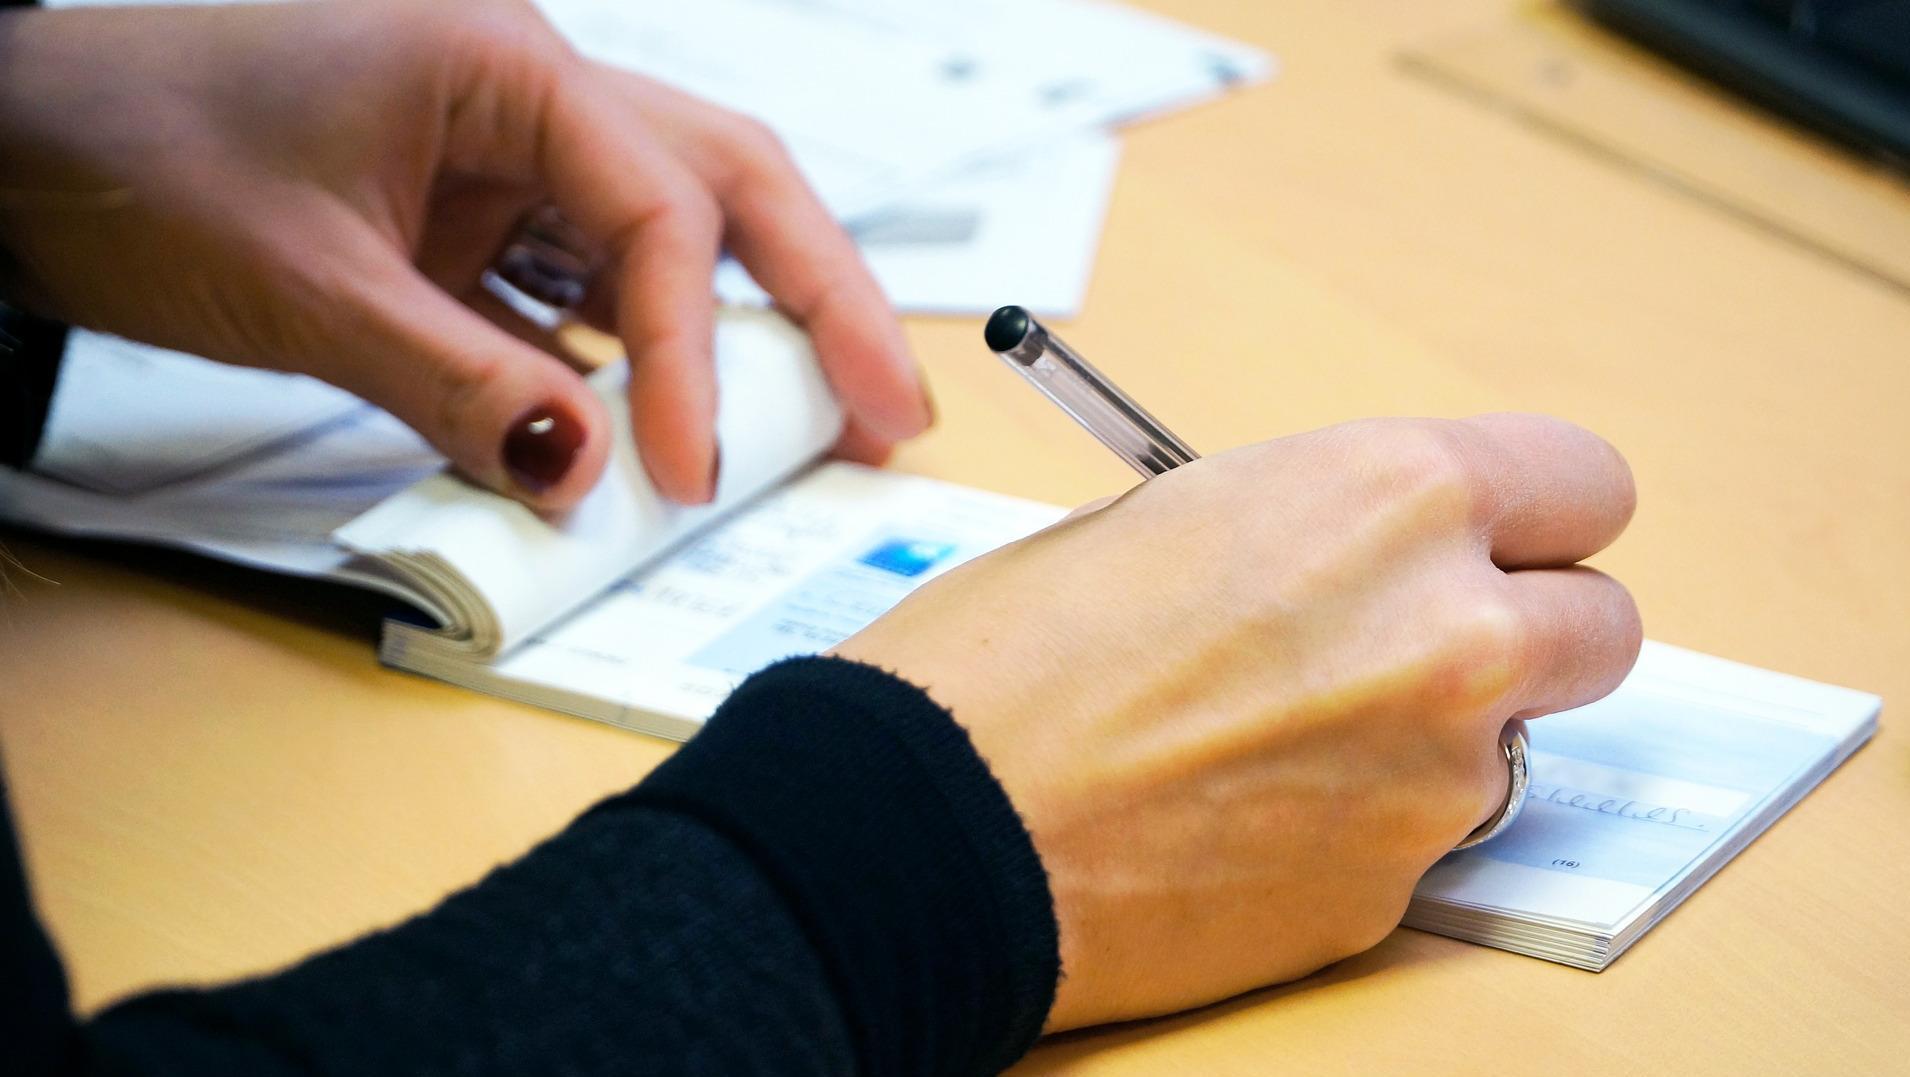 Vence el plazo para solicitar los créditos a tasa cero | Garantia Plus